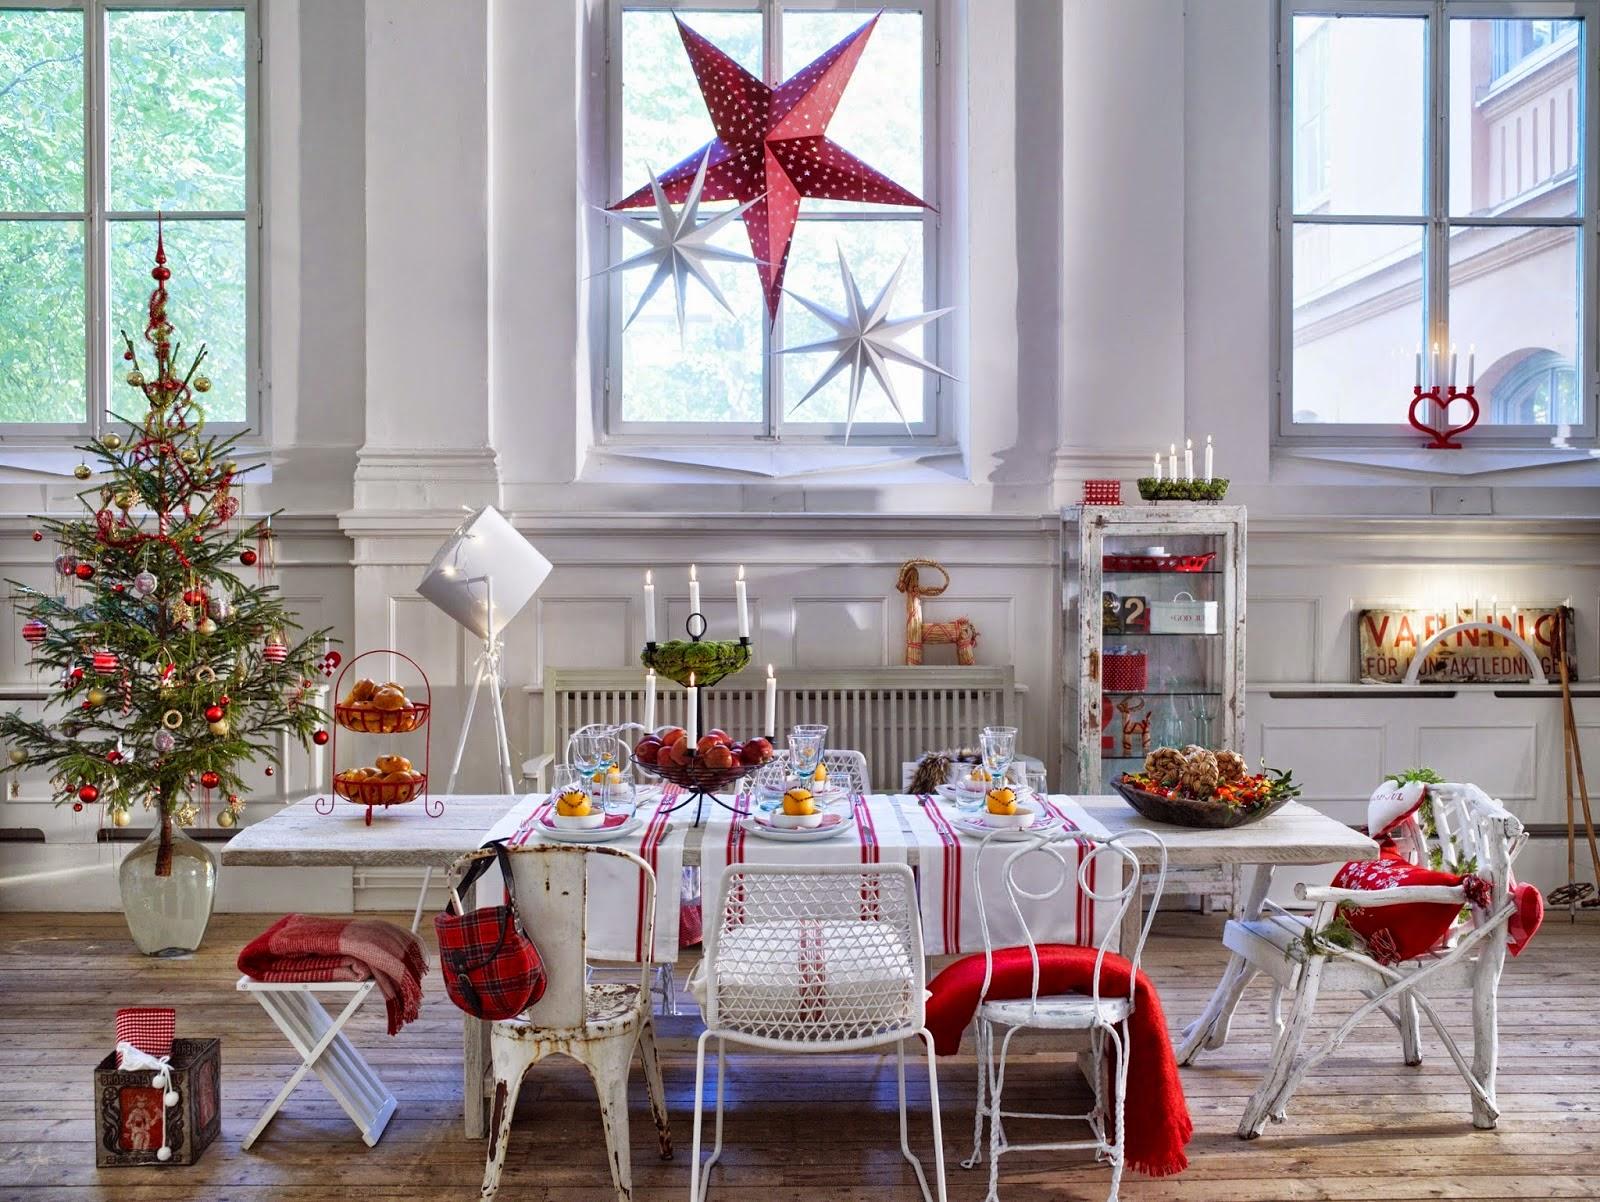 Arredare in rosso e bianco l 39 abbinamento perfetto in for Arredare casa in bianco